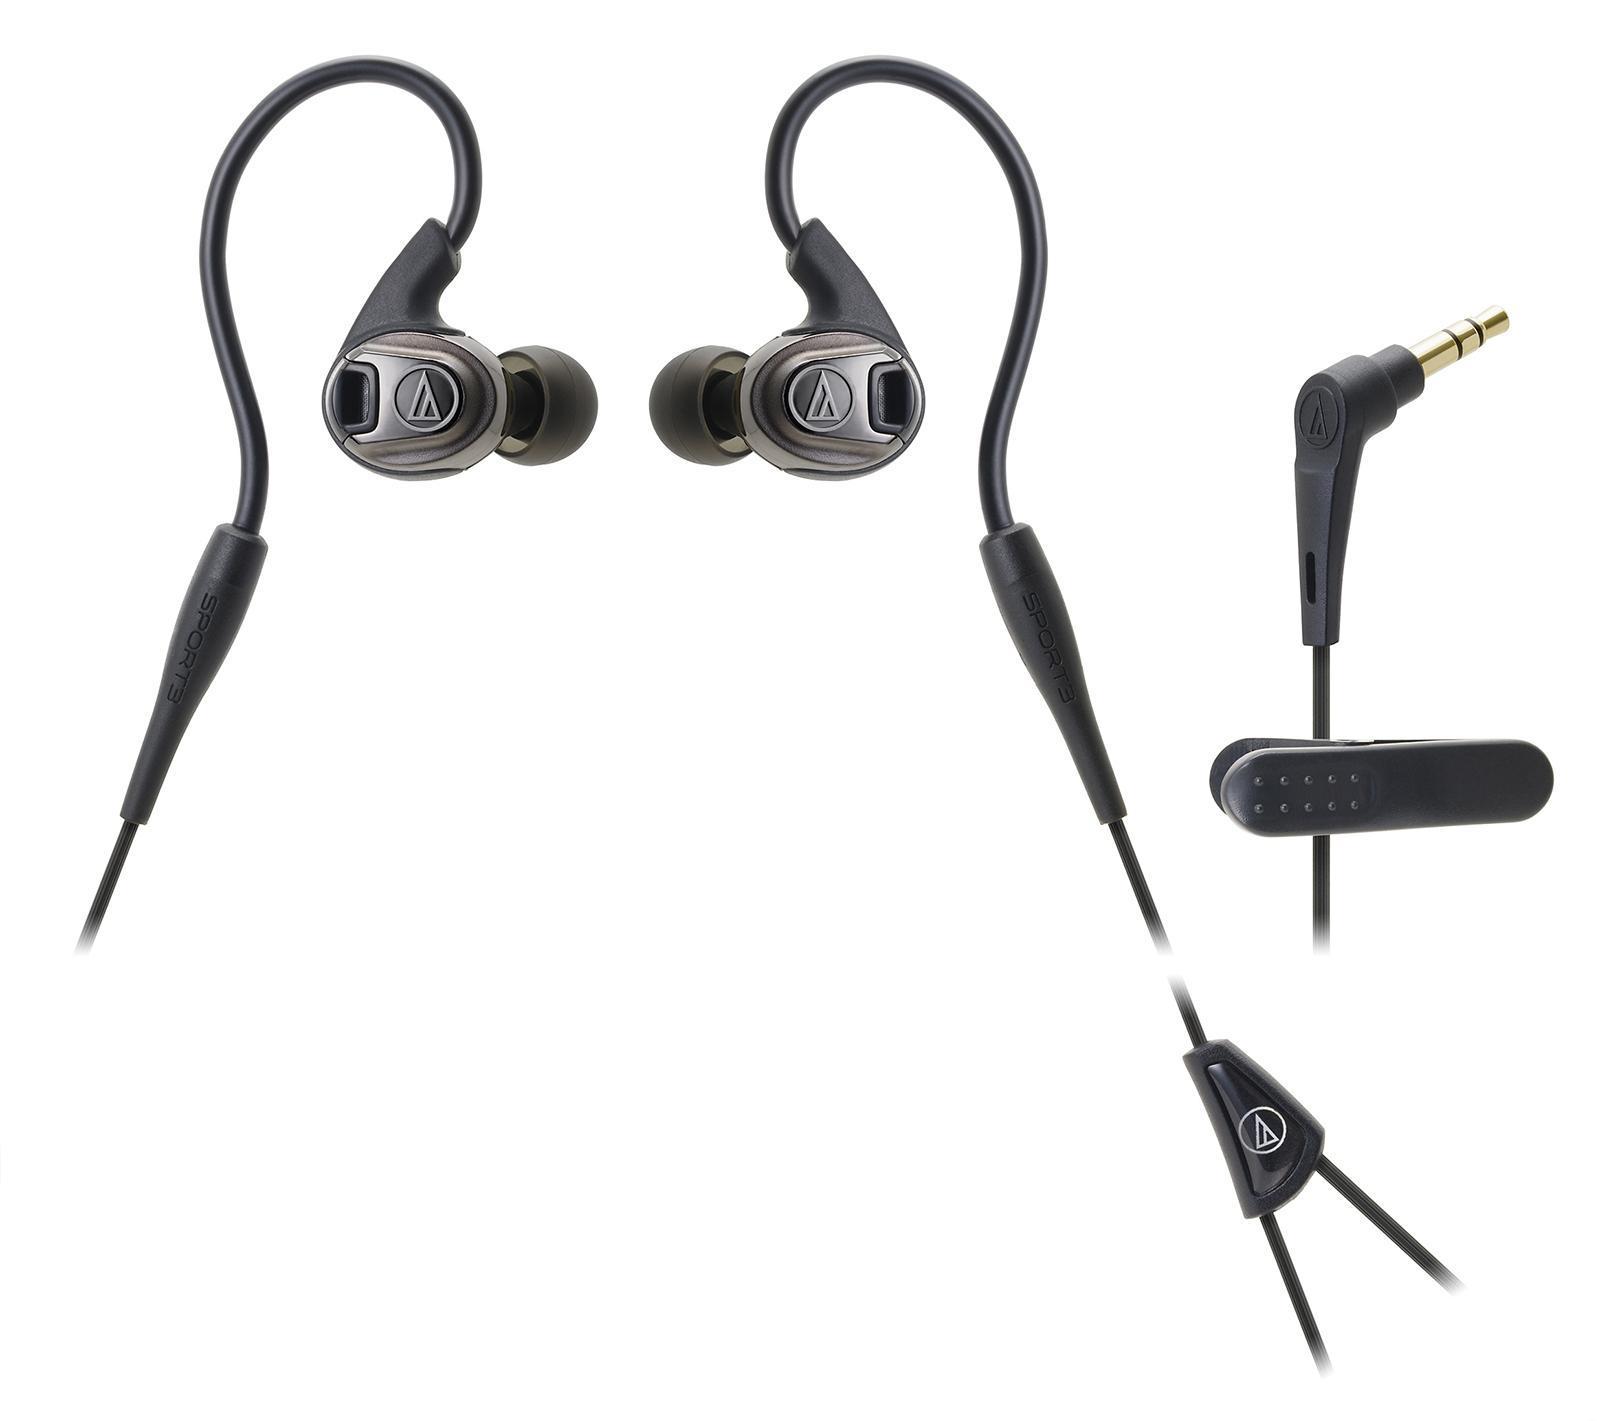 Audio-Technica ATH-SPORT3, Black наушникиATH-SPORT3 BKAudio-Technica SPORT3 – вставные динамические наушники с заушным креплением, созданные для спортсменов, которые ценят длительный комфорт в сочетании с первоклассным звуком музыки во время интенсивных тренировок Конструкция модели гибкая и безопасная, позаимствованная из известной линейки арматурных наушников Audio-Technica IM. Звук динамичный, передающий все нюансы звучания. Звуковой канал имеет пятую степень защиты от влаги IXP5 и оснащен встроенными стабилизаторами, благодаря которым происходит оптимизация воздушных потоков в канале. Насыщенный звук достигается также за счет устранения ненужных вибраций Водозащита IXP5 выдерживает самые интенсивные занятия спортом, тренировки под дождем, а также чистку наушников под струей воды после очередной пробежки Укороченный провод традиционно снабжен клипсой для удобного крепления к одежде